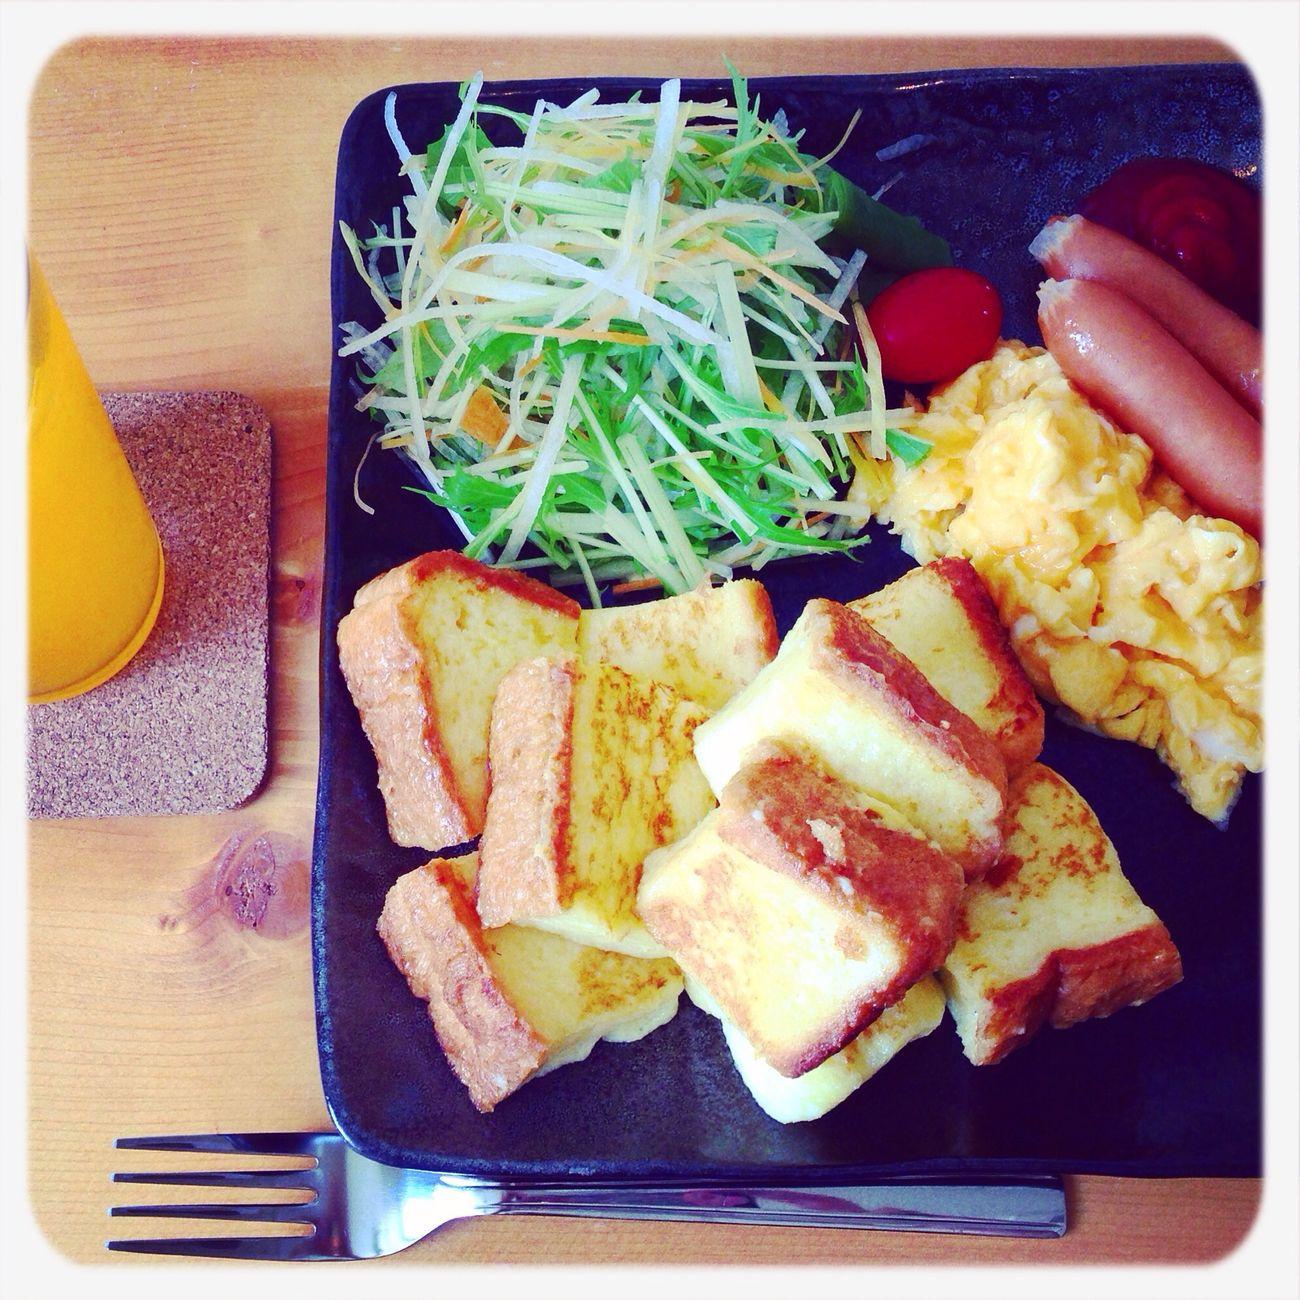 幸せ❤︎朝ごはん٩꒰ ˘ ³˘꒱۶ⒽⓤⒼ♥♡̷♡̷ Cafe Okinawa Breakfast